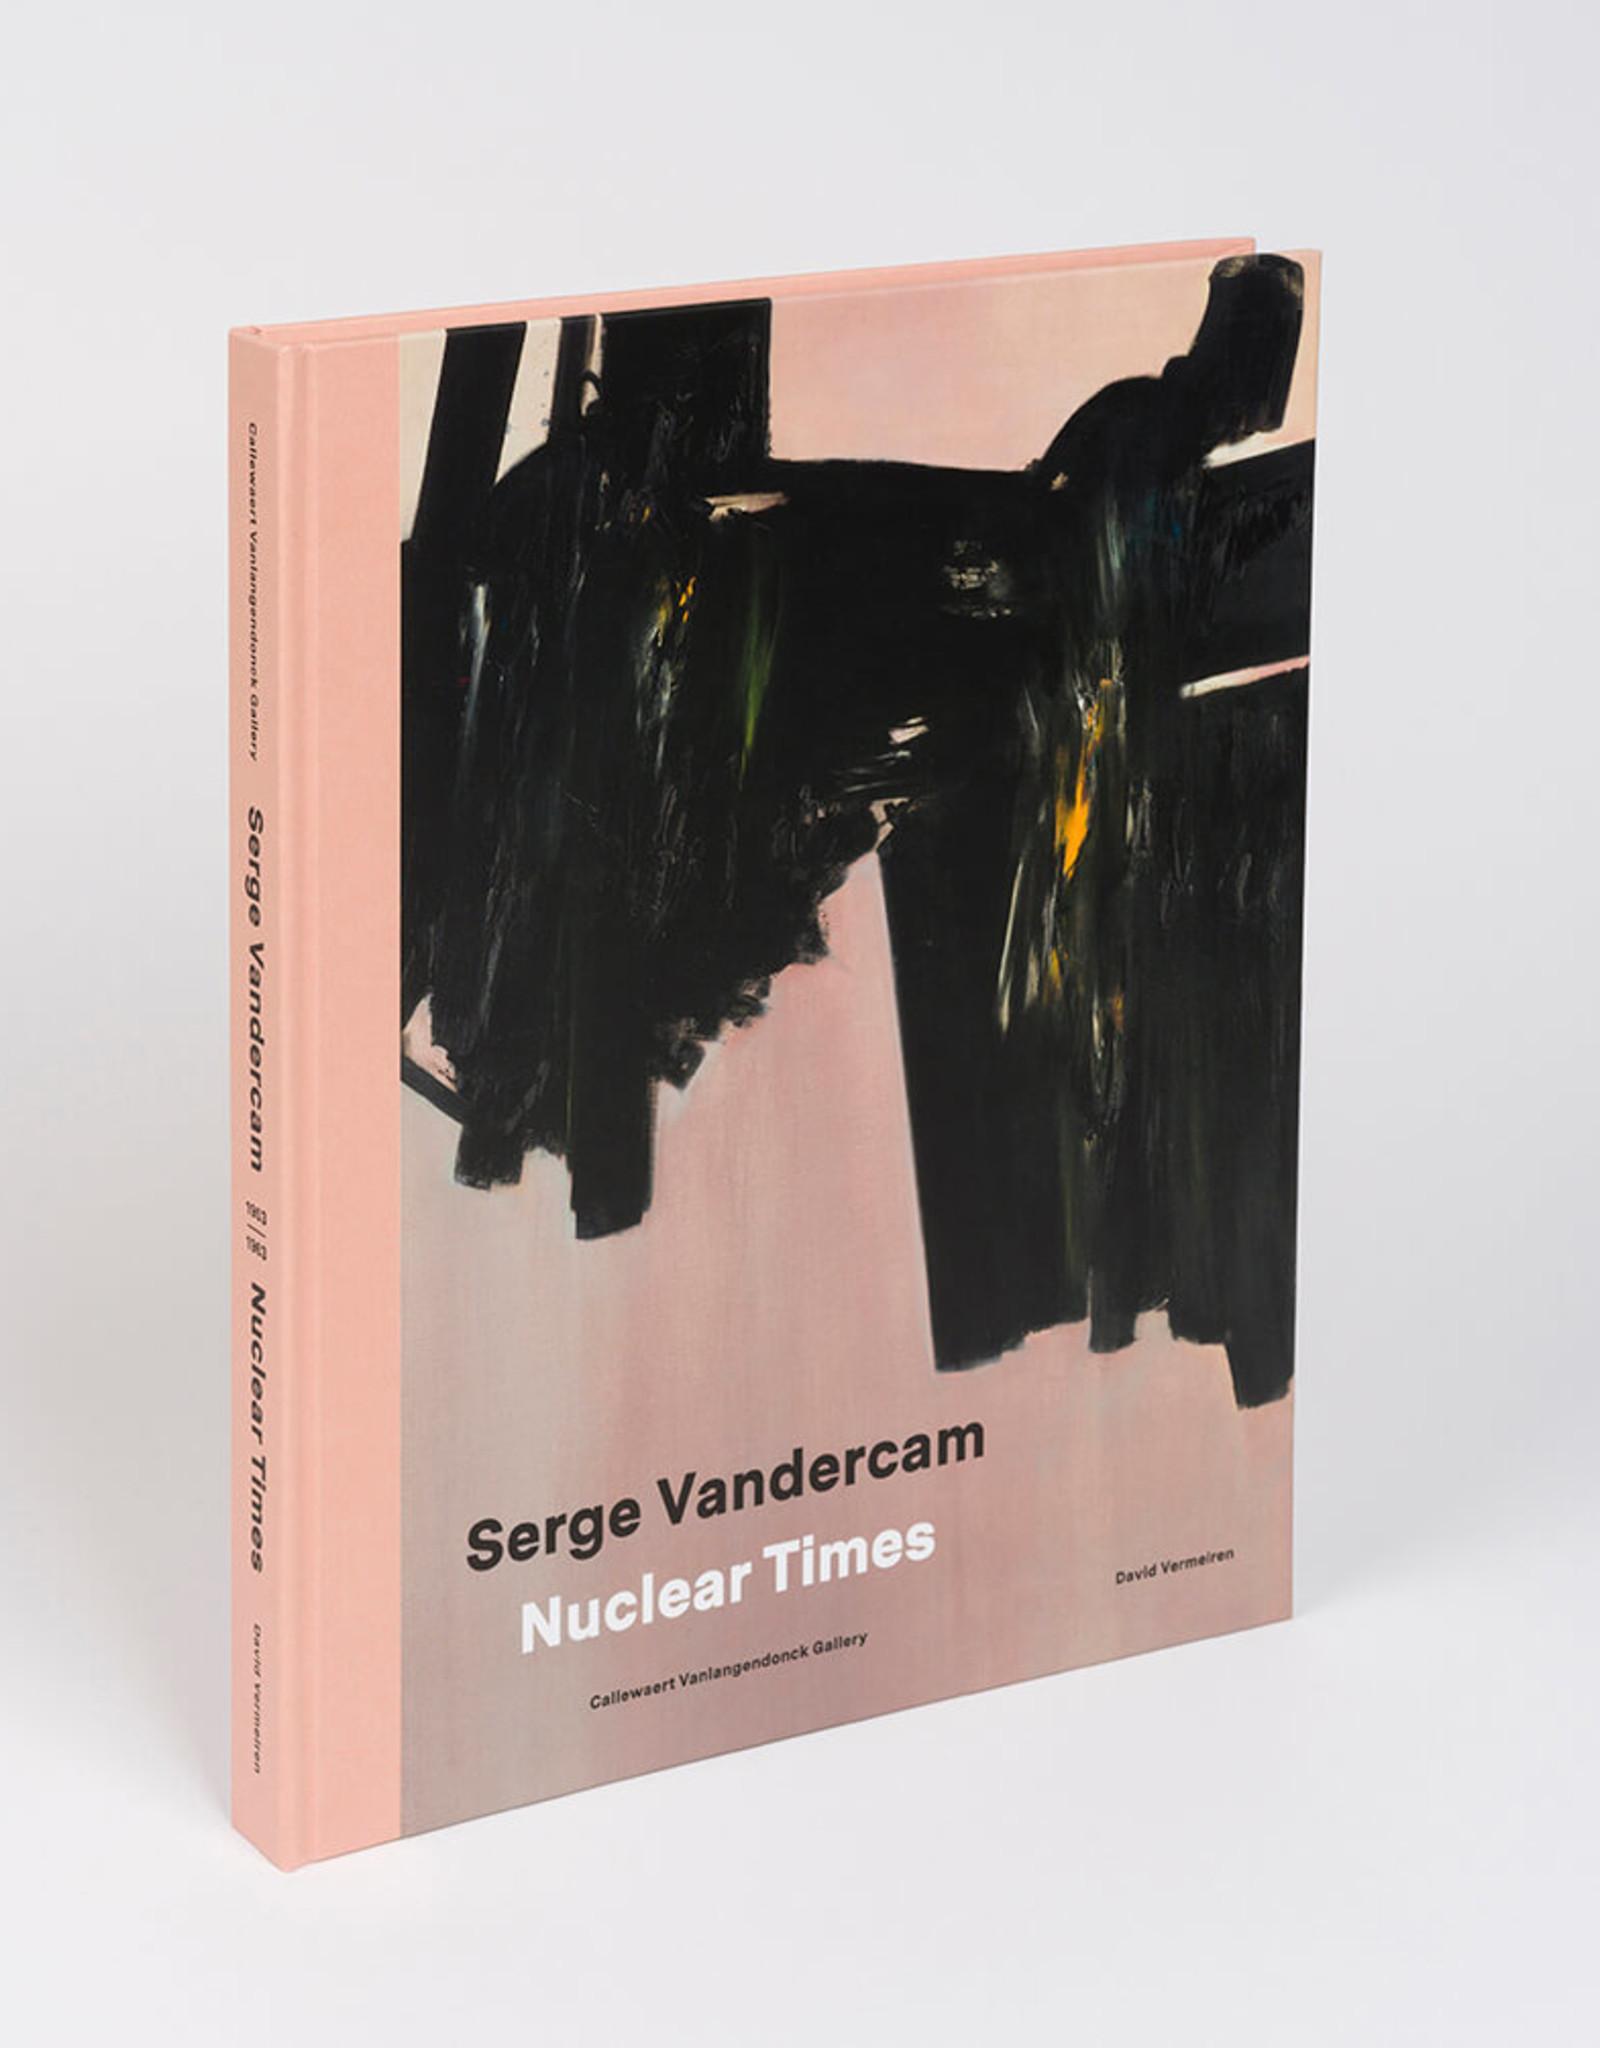 Serge Vandercam - Nuclear Times